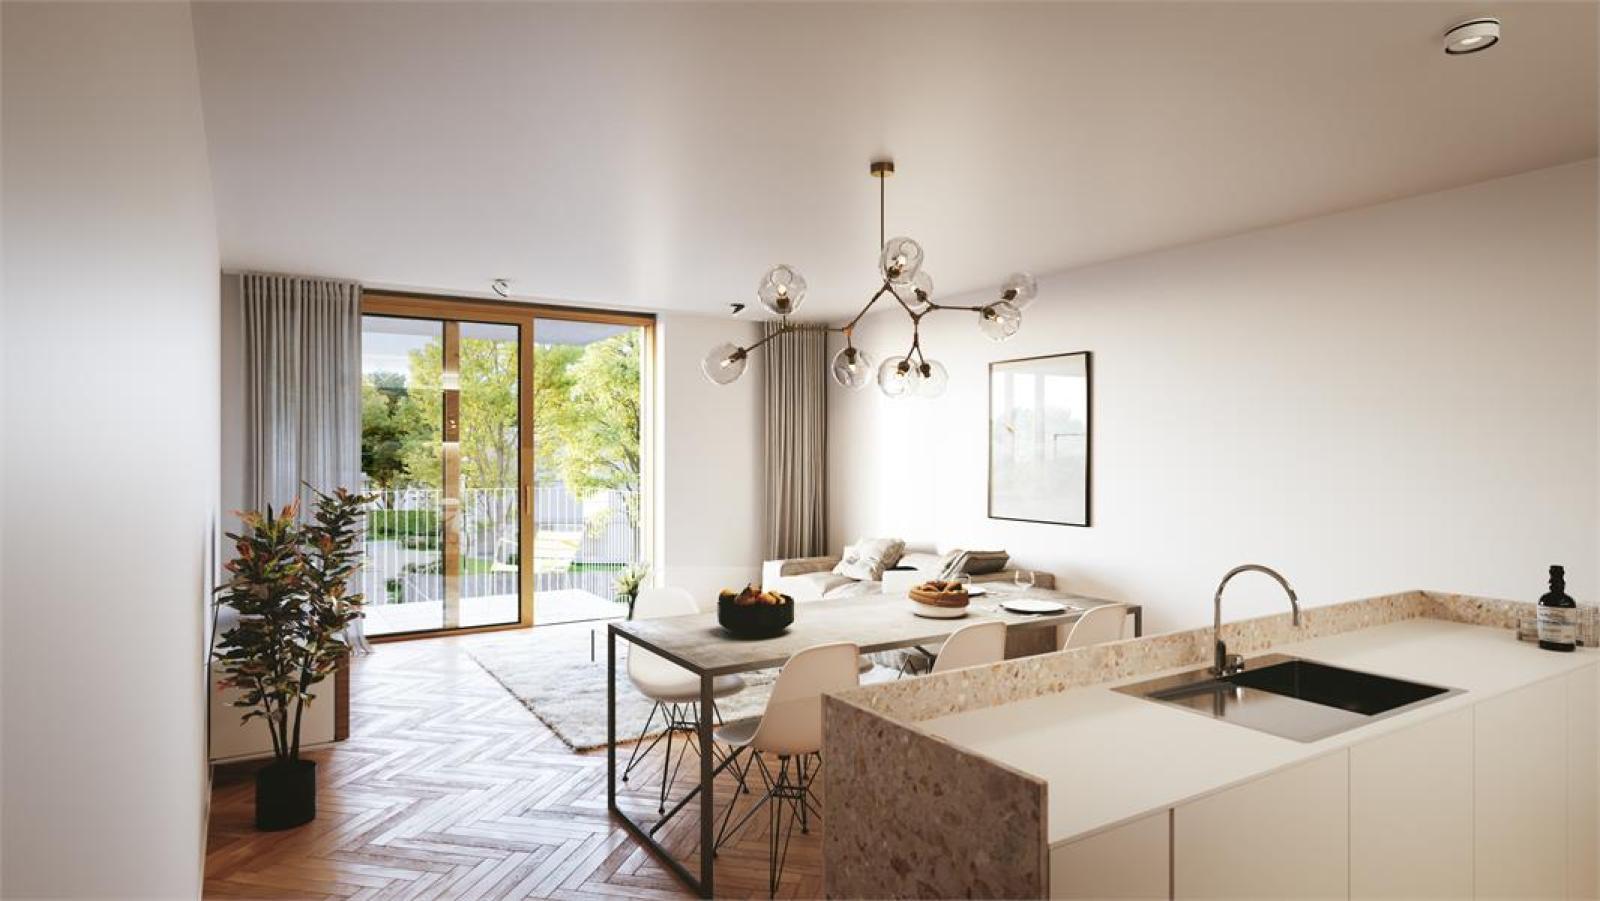 Gelijkvloers BEN-appartement met tuin op centrale locatie te Deurne! afbeelding 1